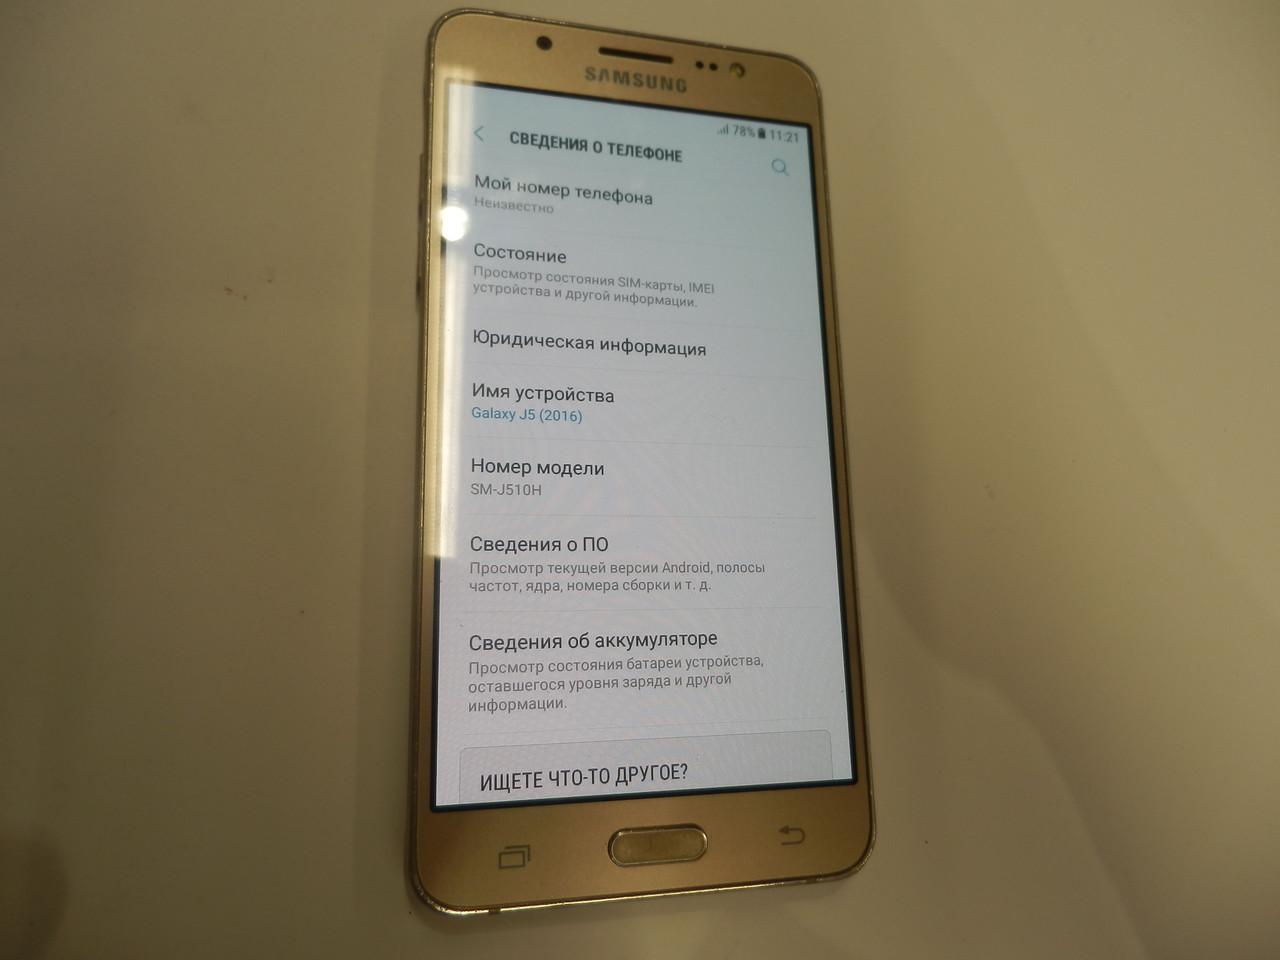 Мобильный телефон Samsung j510 164ВР